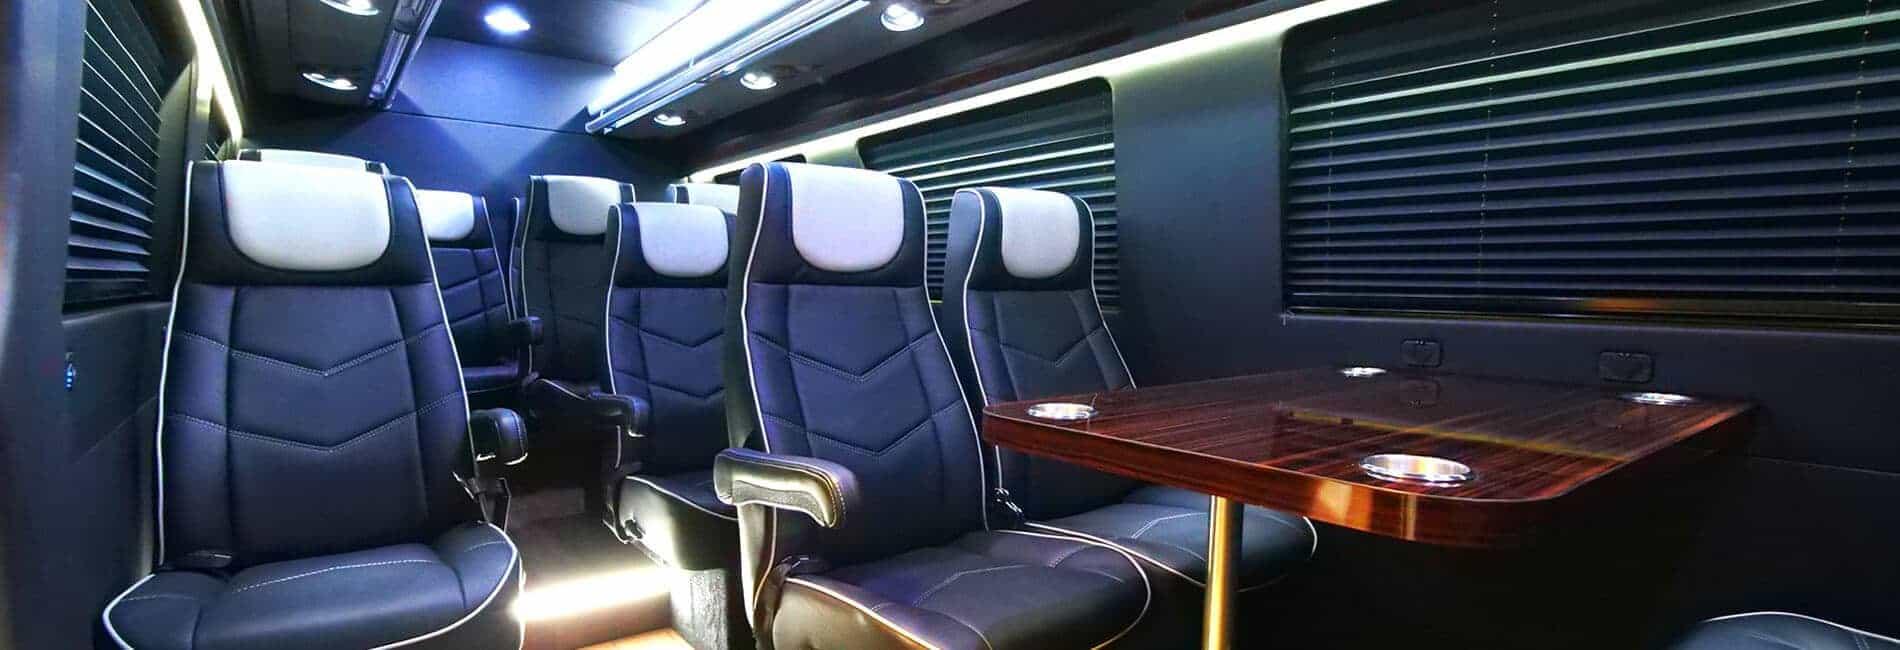 f11edc1ccb Shuttle Buses   Luxury Shuttle Vans